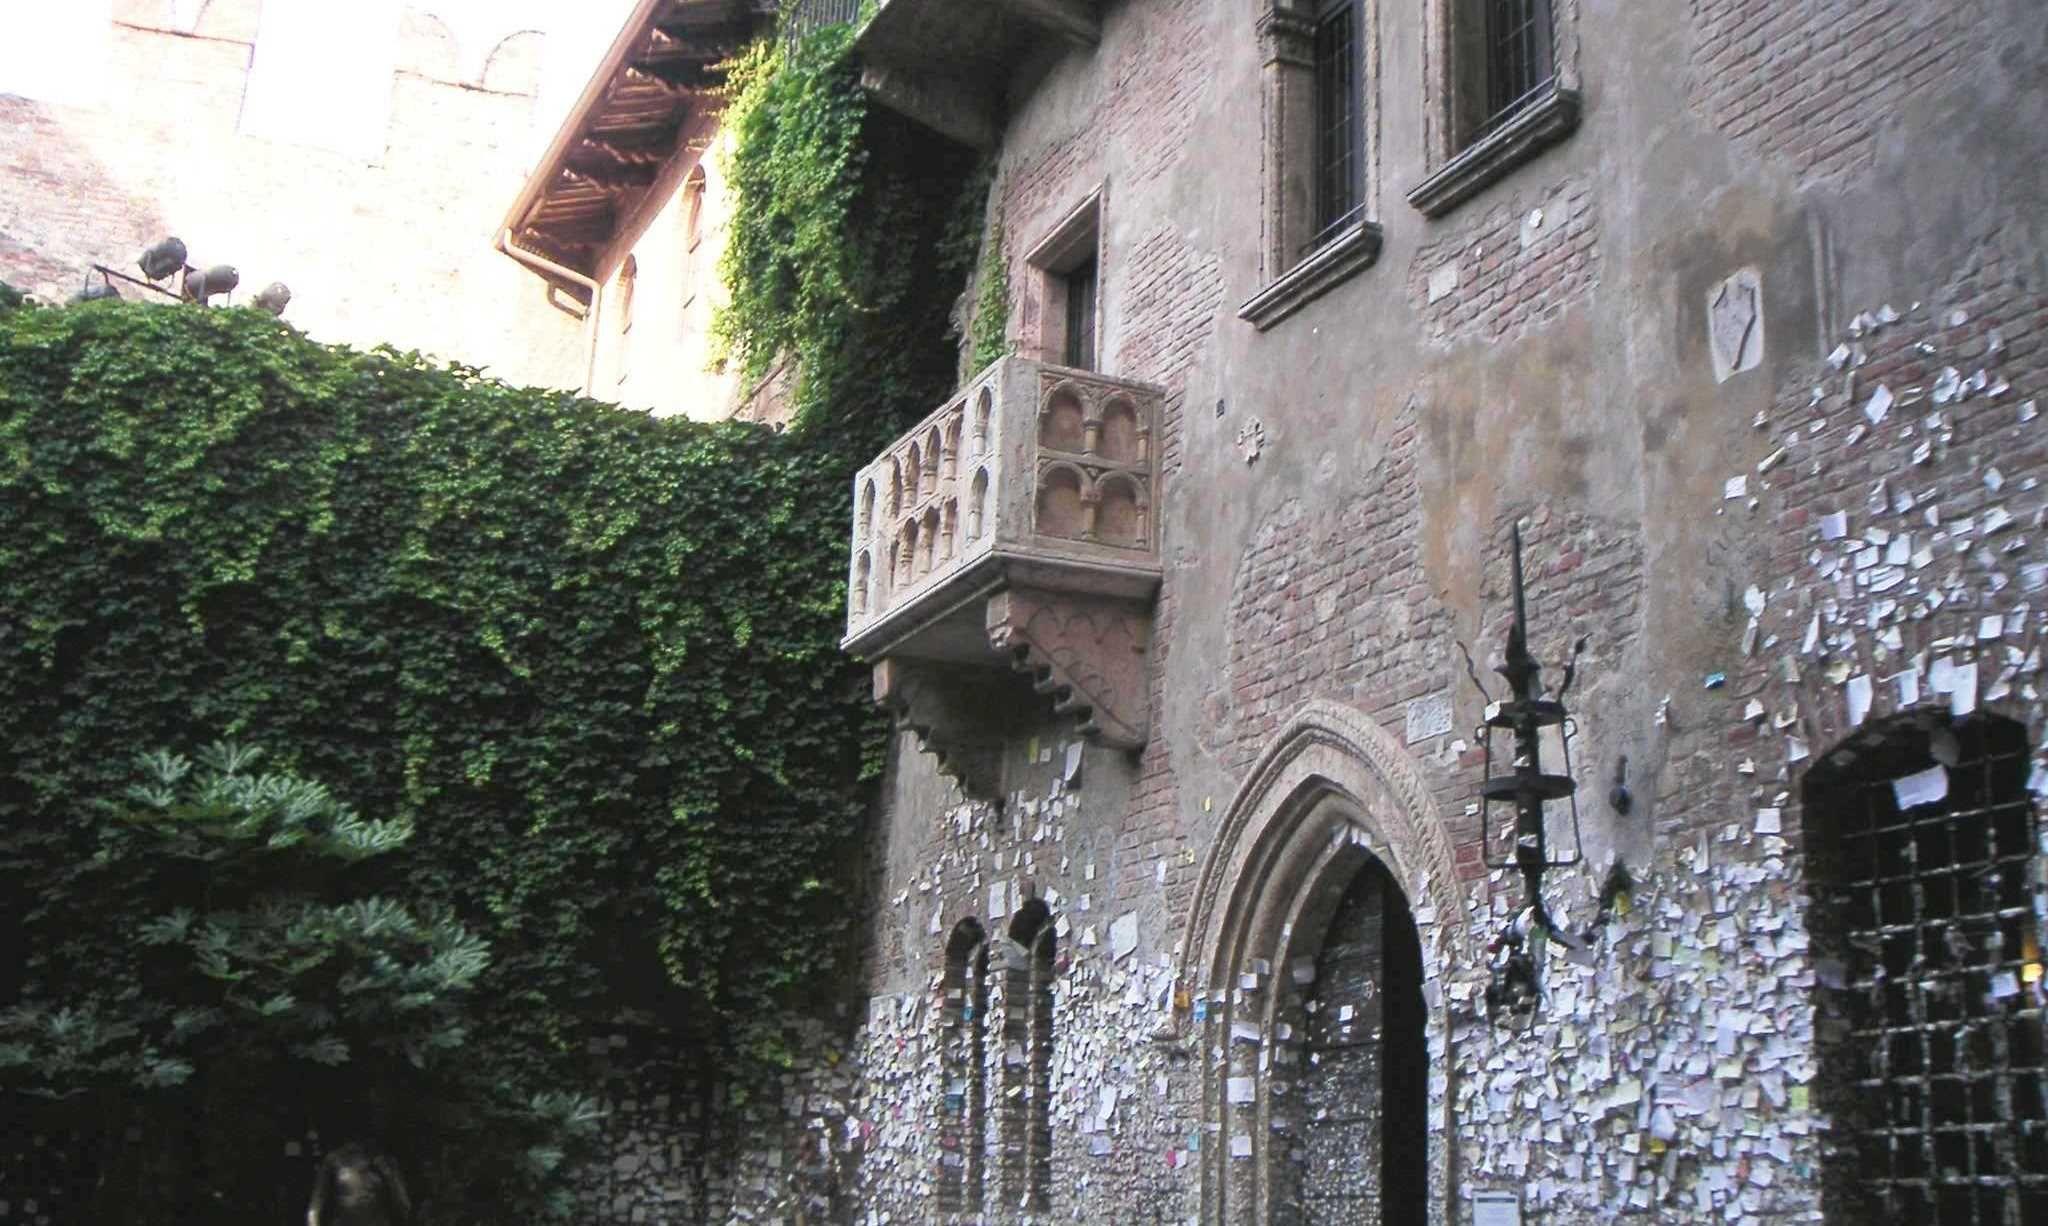 Pin Von Lifestyle Italien Auf Italian Towns Pinterest Verona